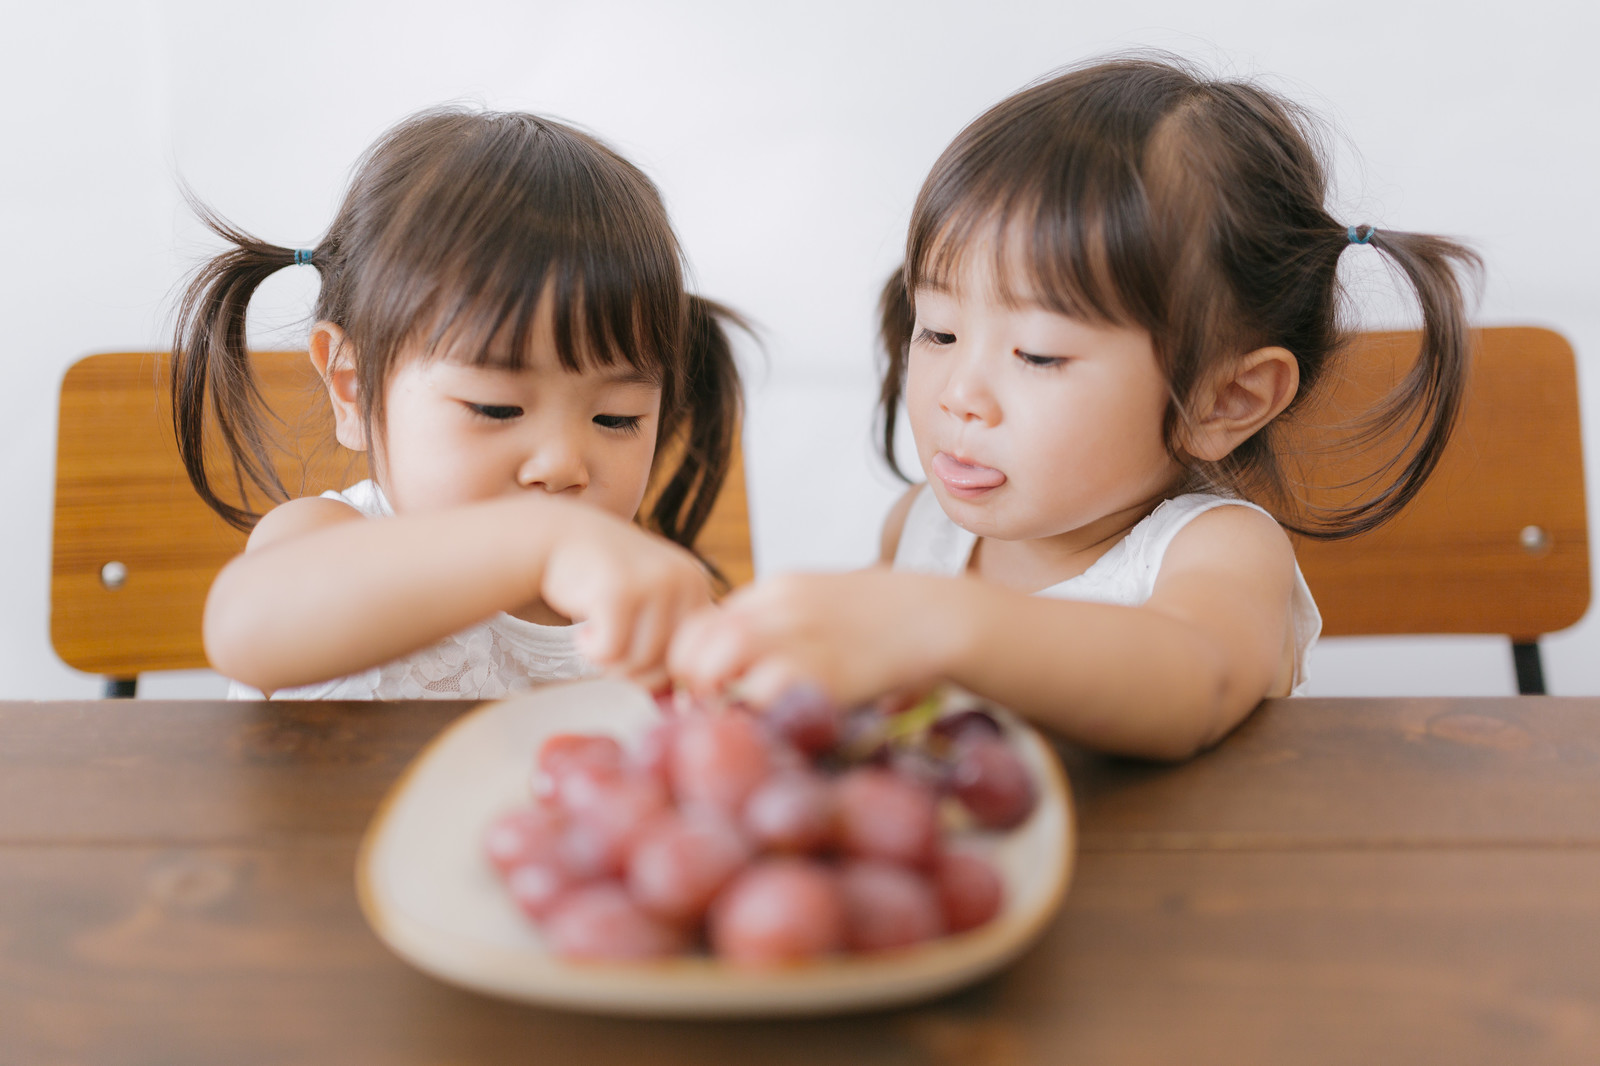 「巨峰大好き双子姉妹」の写真[モデル:あおみどり]